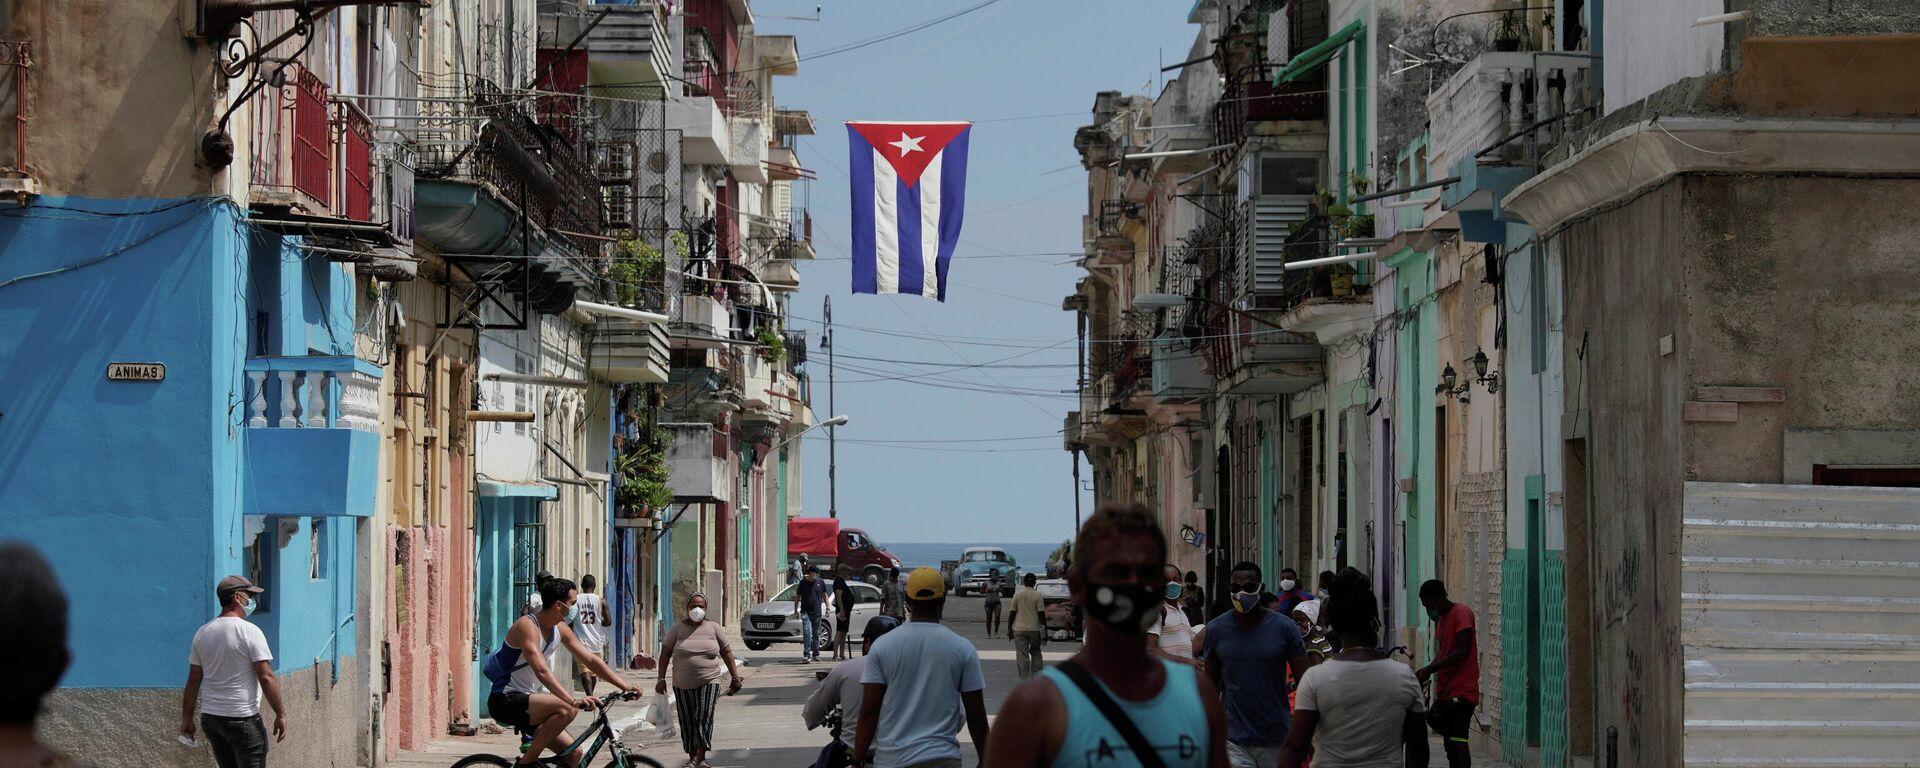 Situación en La Habana, Cuba - Sputnik Mundo, 1920, 27.07.2021